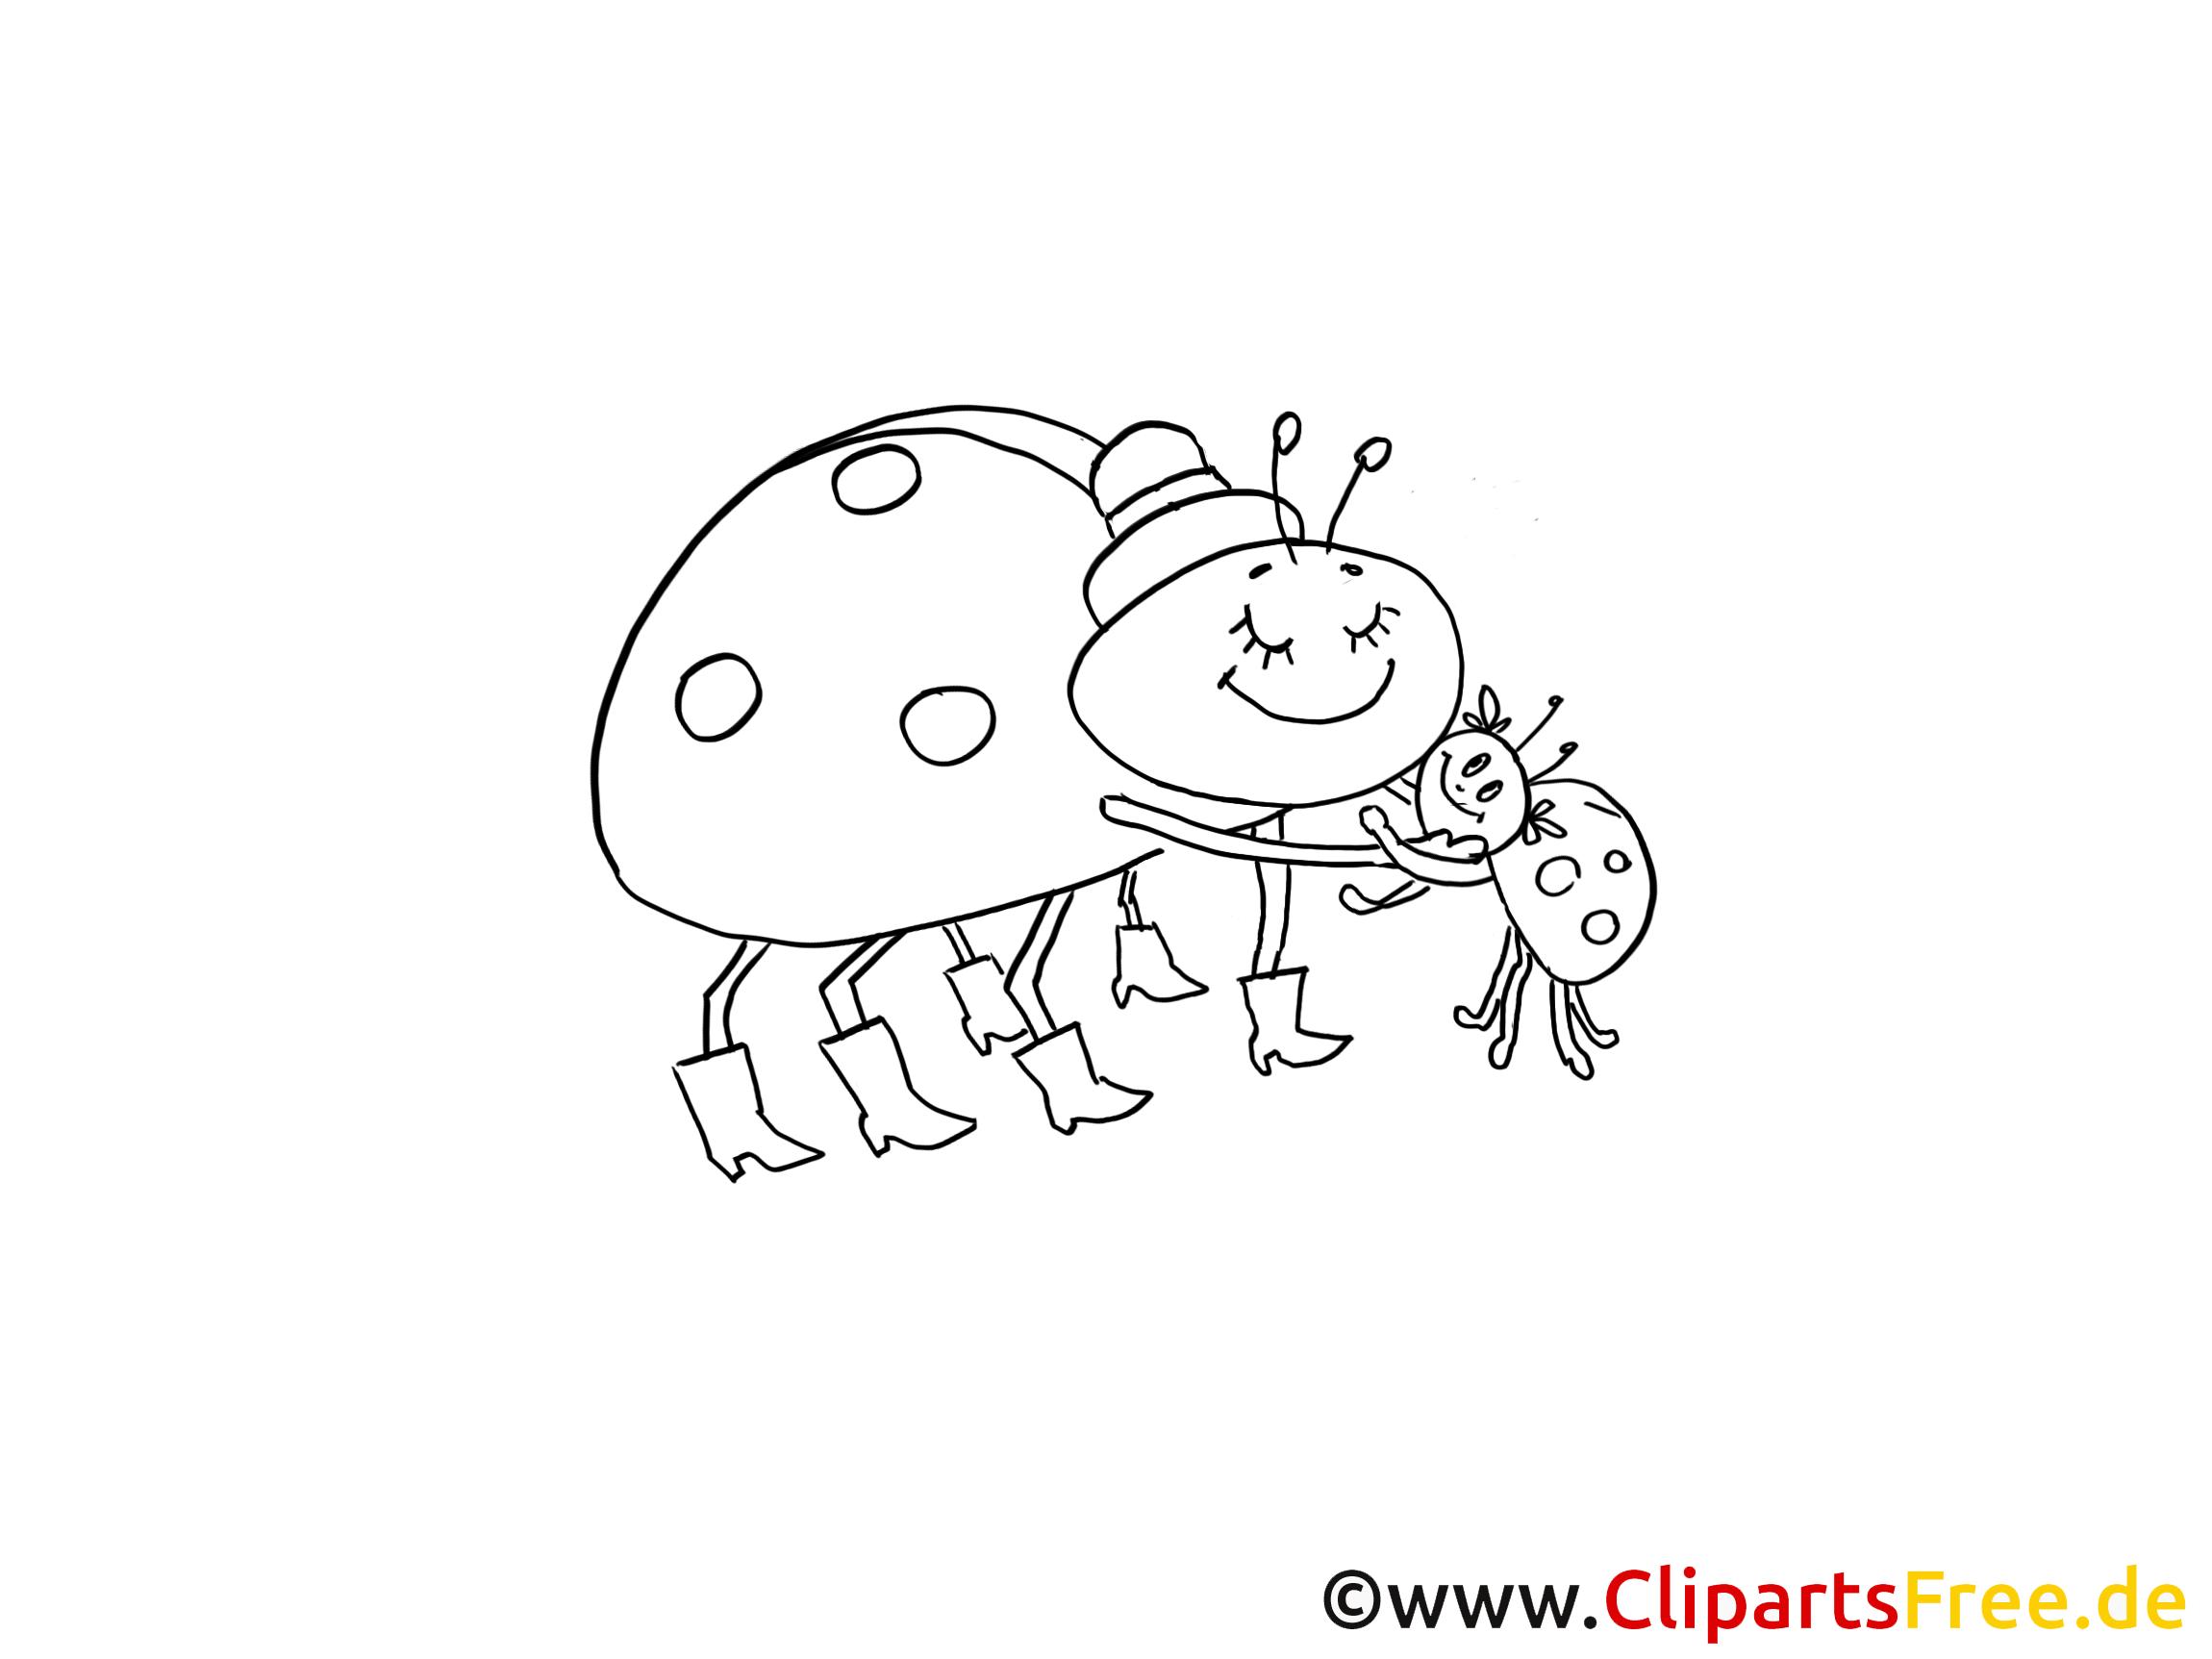 Insects illustration à colorier - images gratuites